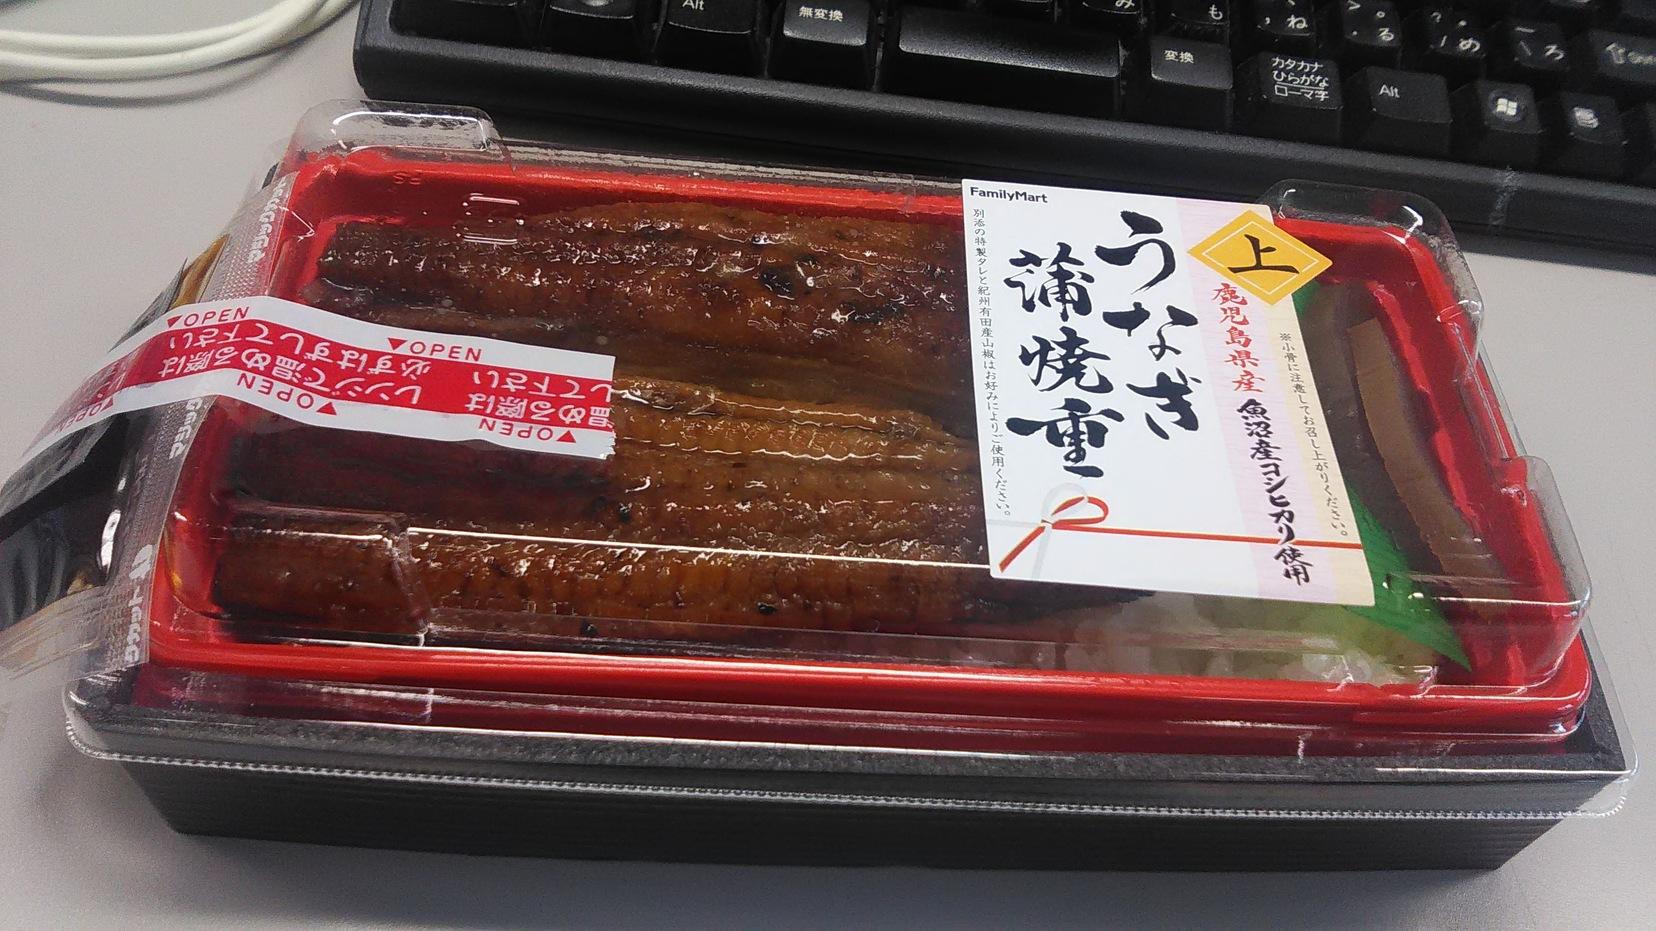 ファミリーマート 深川高橋店